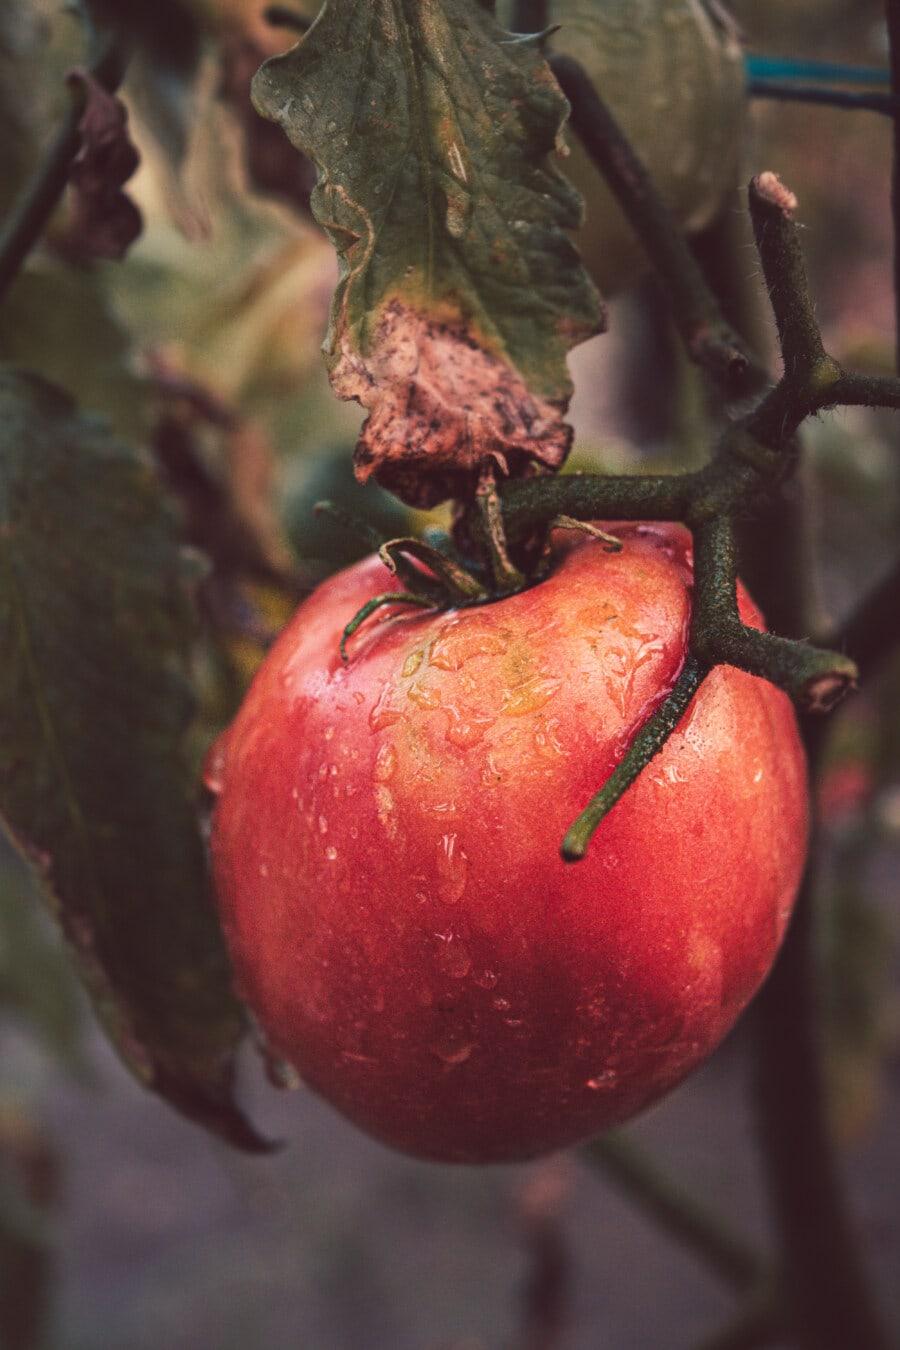 tomate, rougeâtre, organique, Agriculture, rural, humidité, goutte de pluie, rosée, Wet, en bonne santé